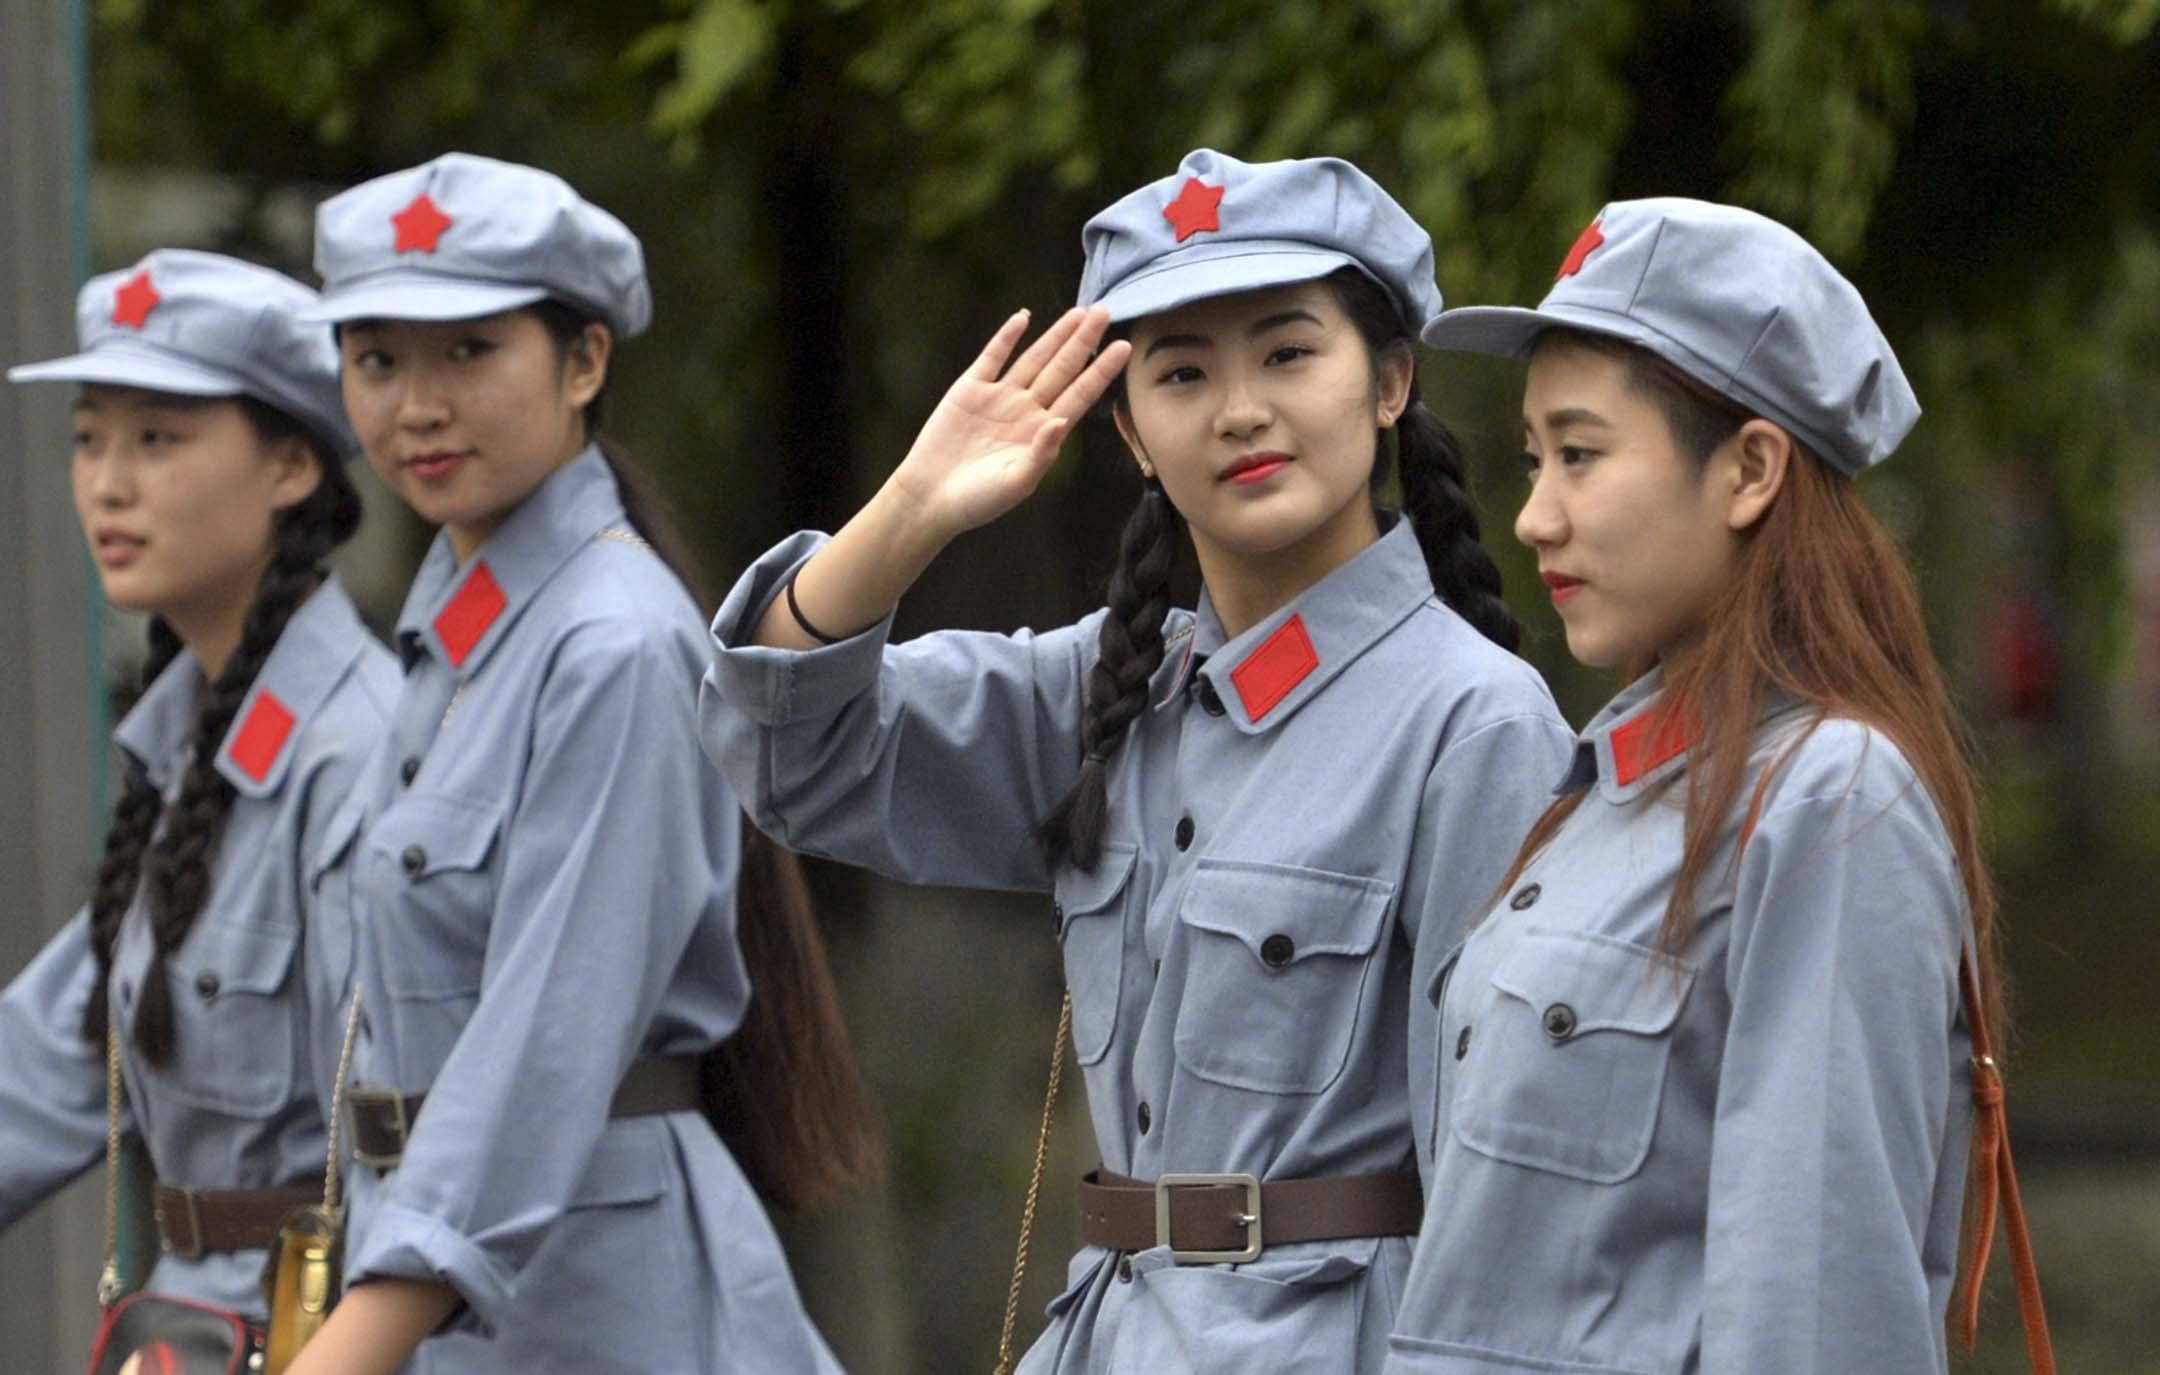 2016年6月29日,瀋陽舉行的慶祝中國共產黨成立 95 週年的表演,身著紅軍服裝的大學生。